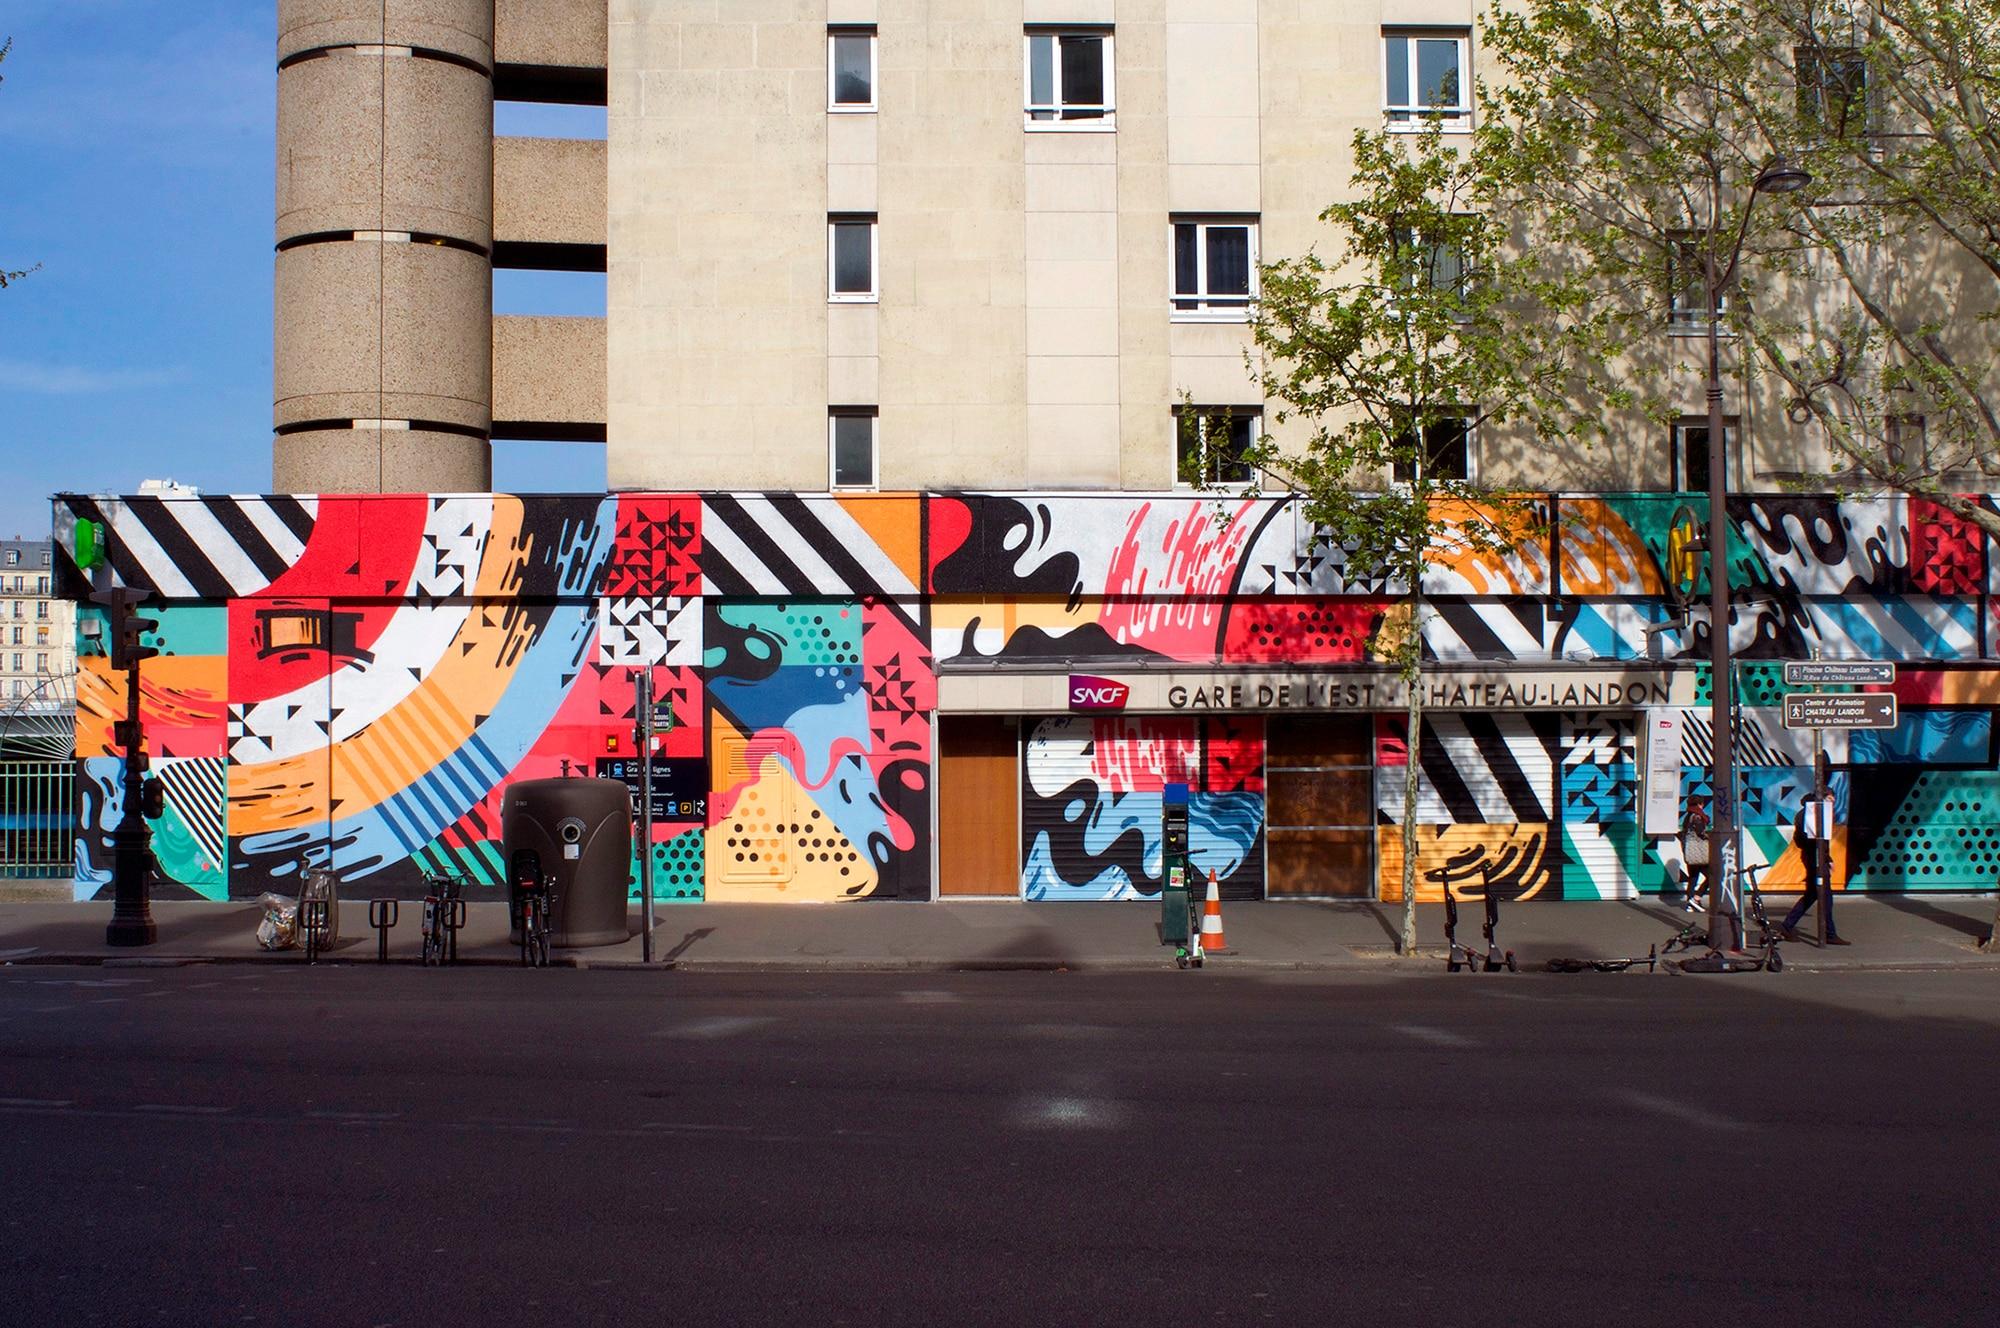 Opération Street Art : Gare de l'Est – Château-Landon